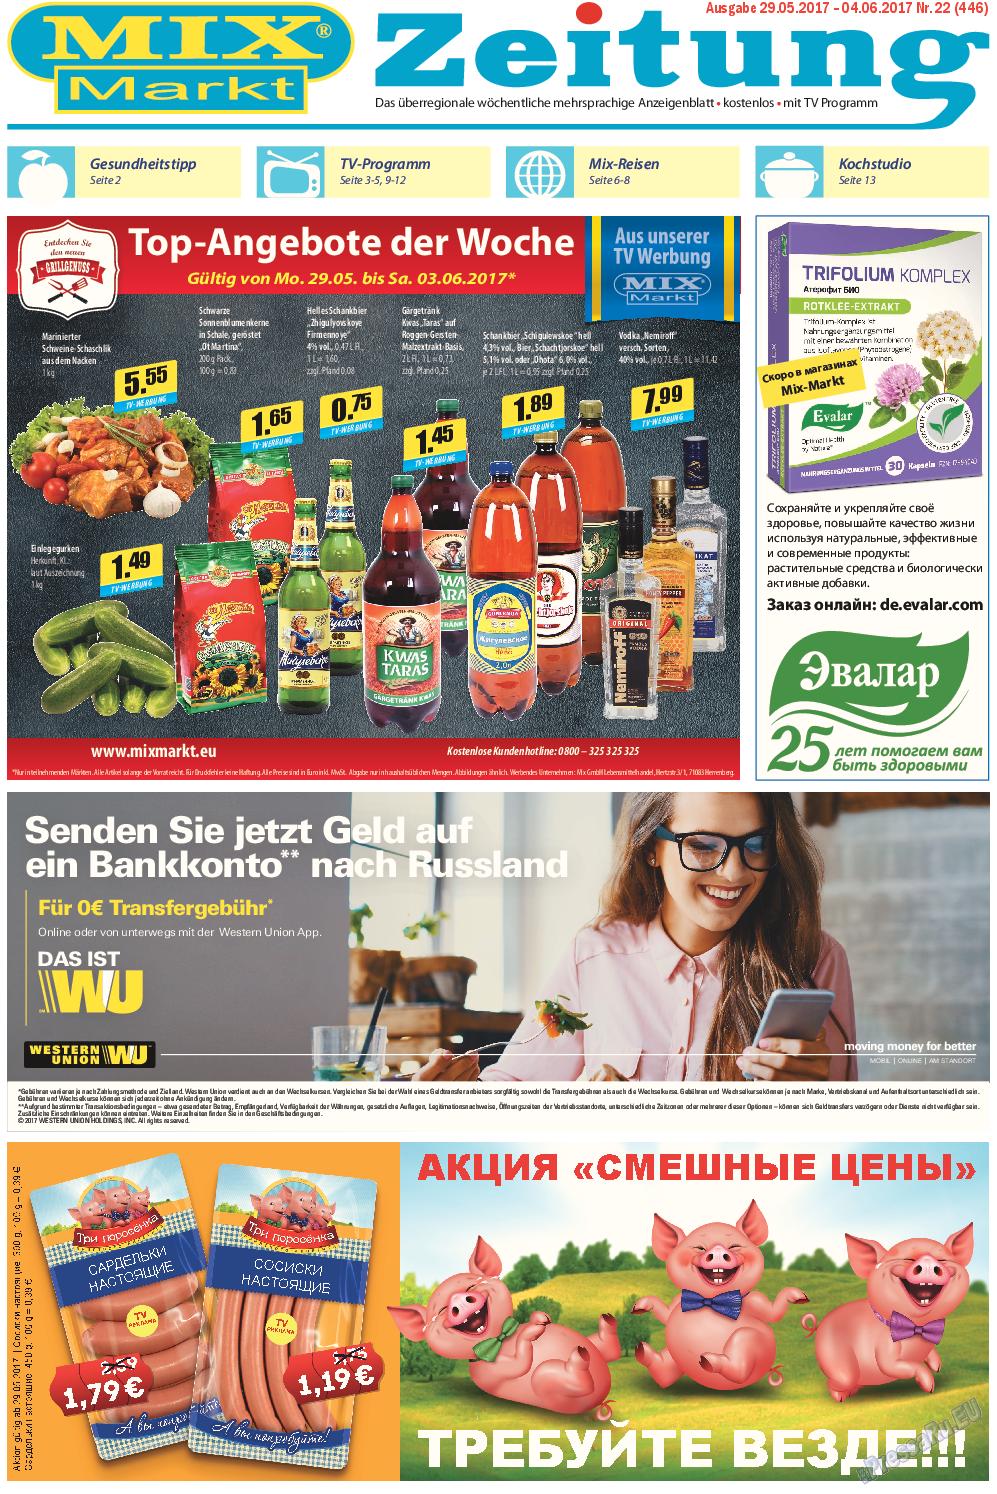 MIX-Markt Zeitung (газета). 2017 год, номер 22, стр. 1